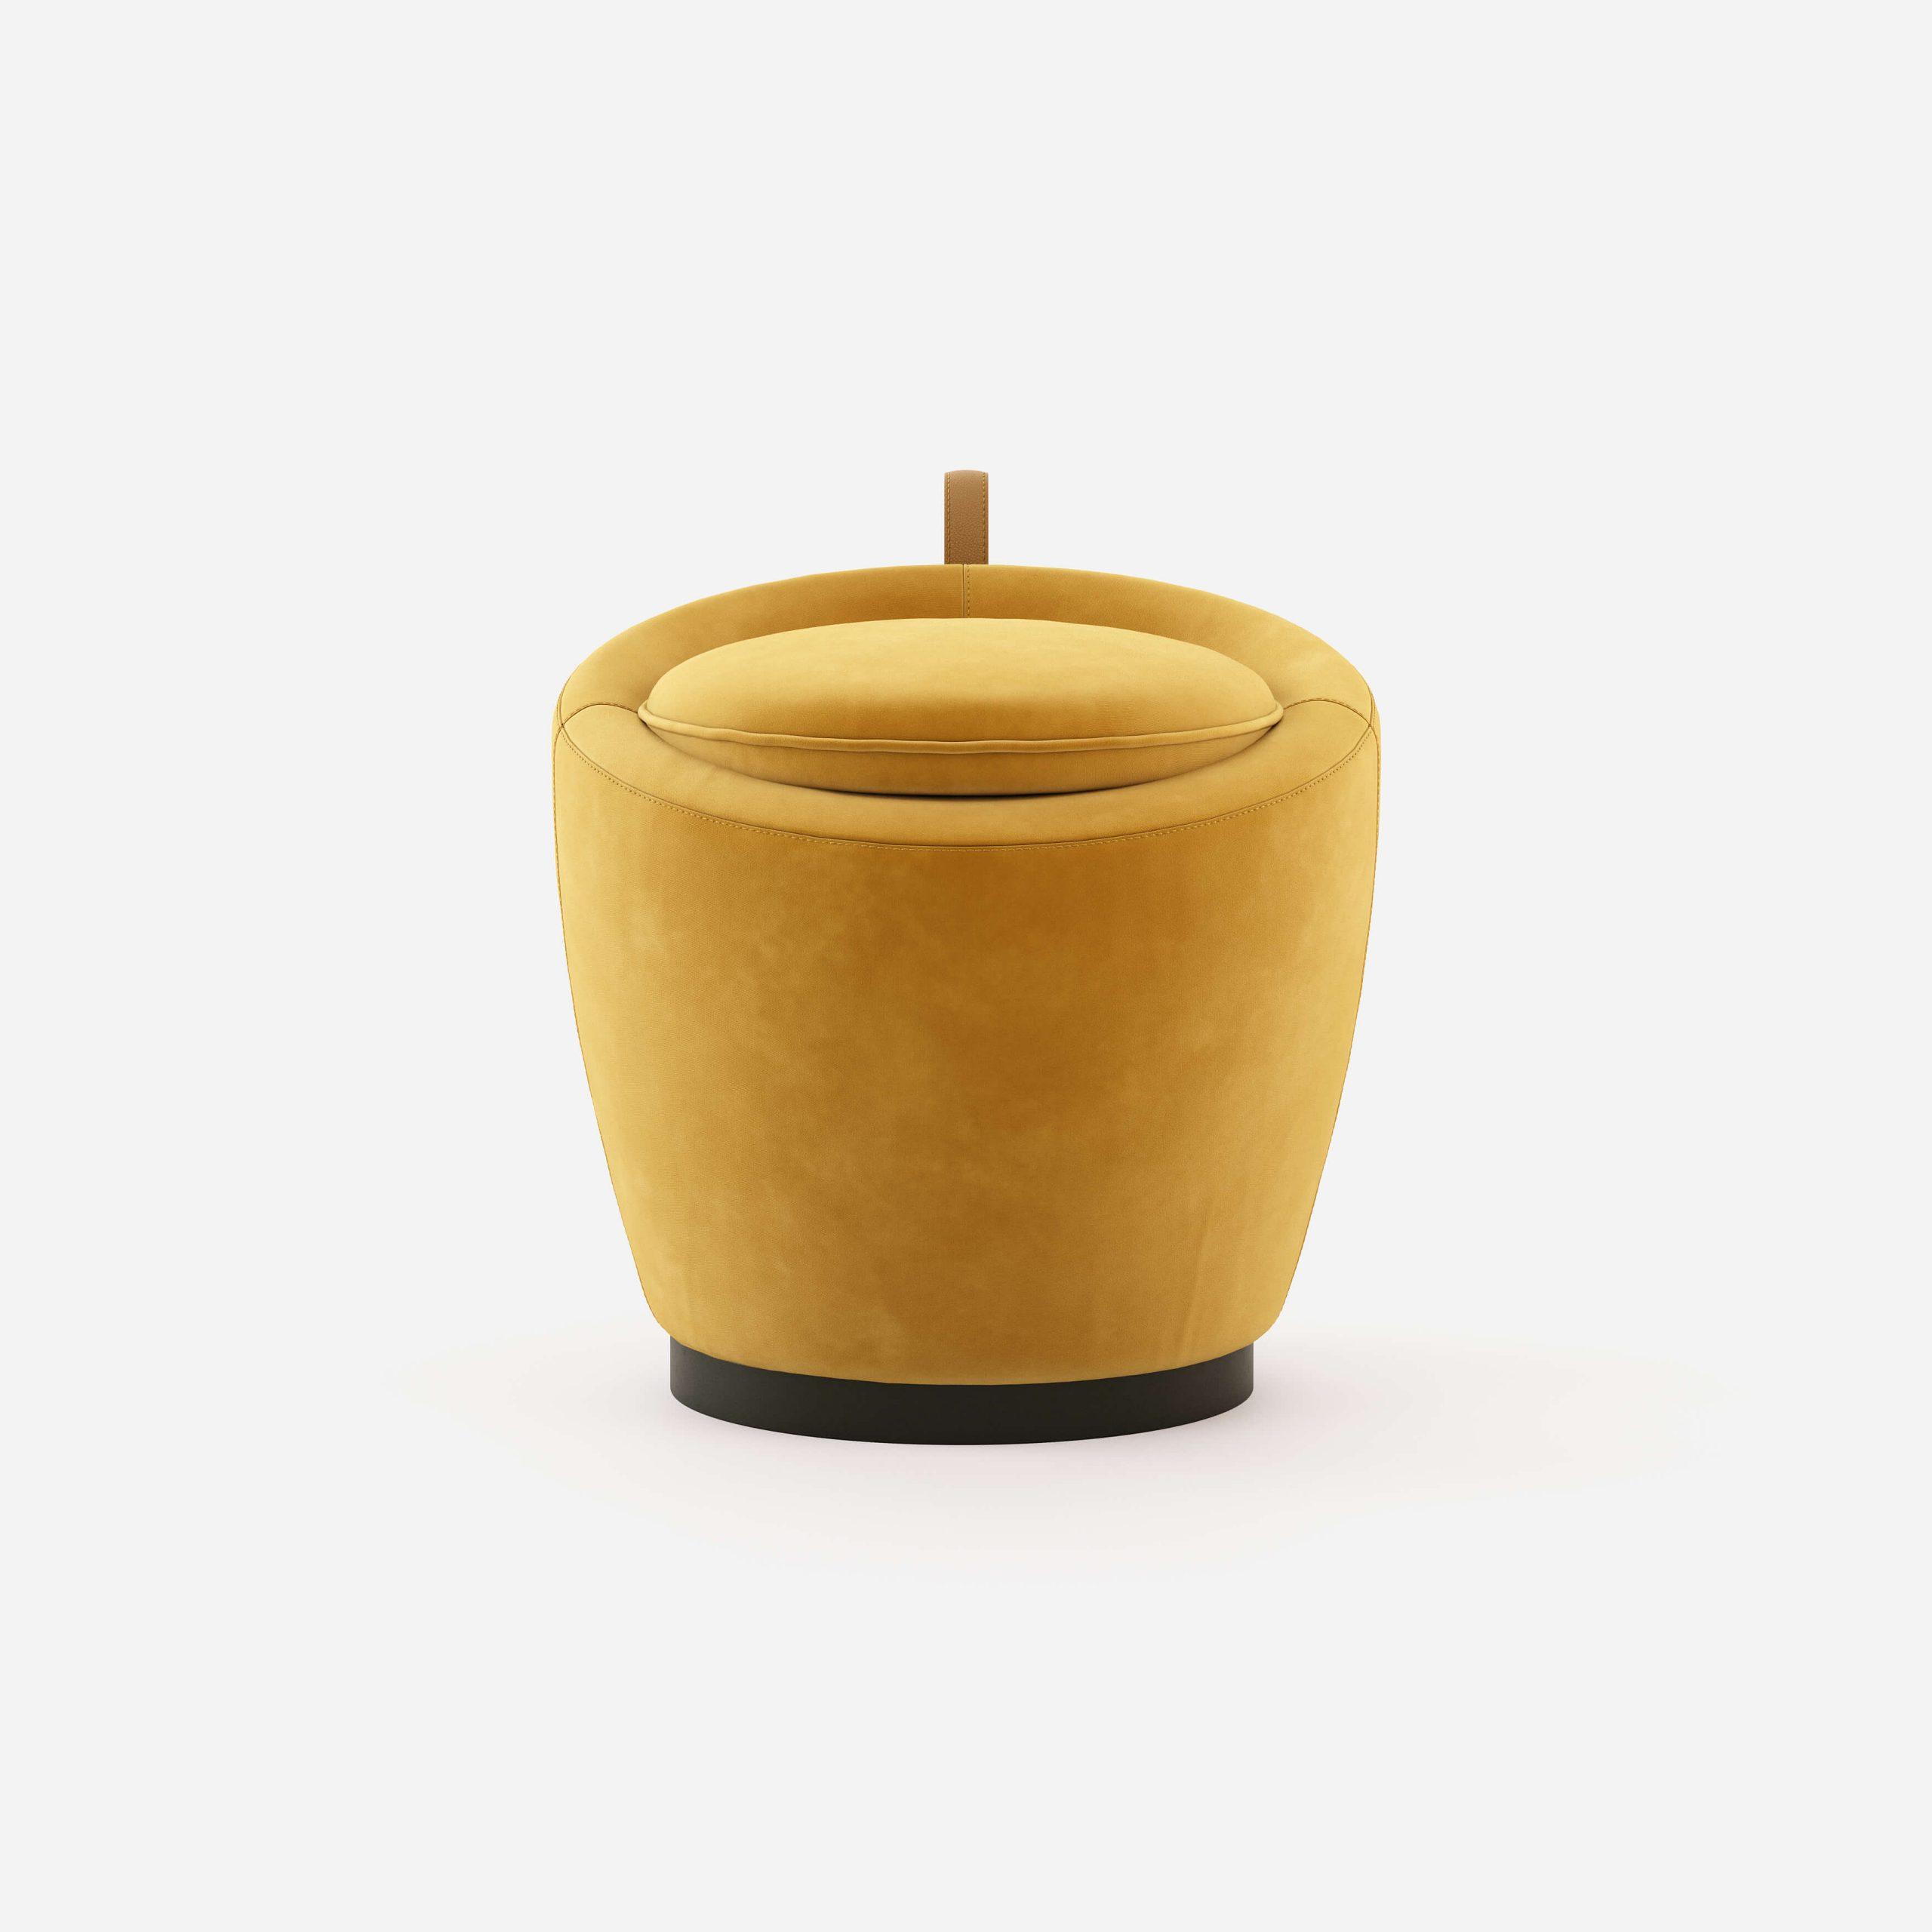 liz-pouf-stool-yellow-velvet-interior-design-domkapa-1